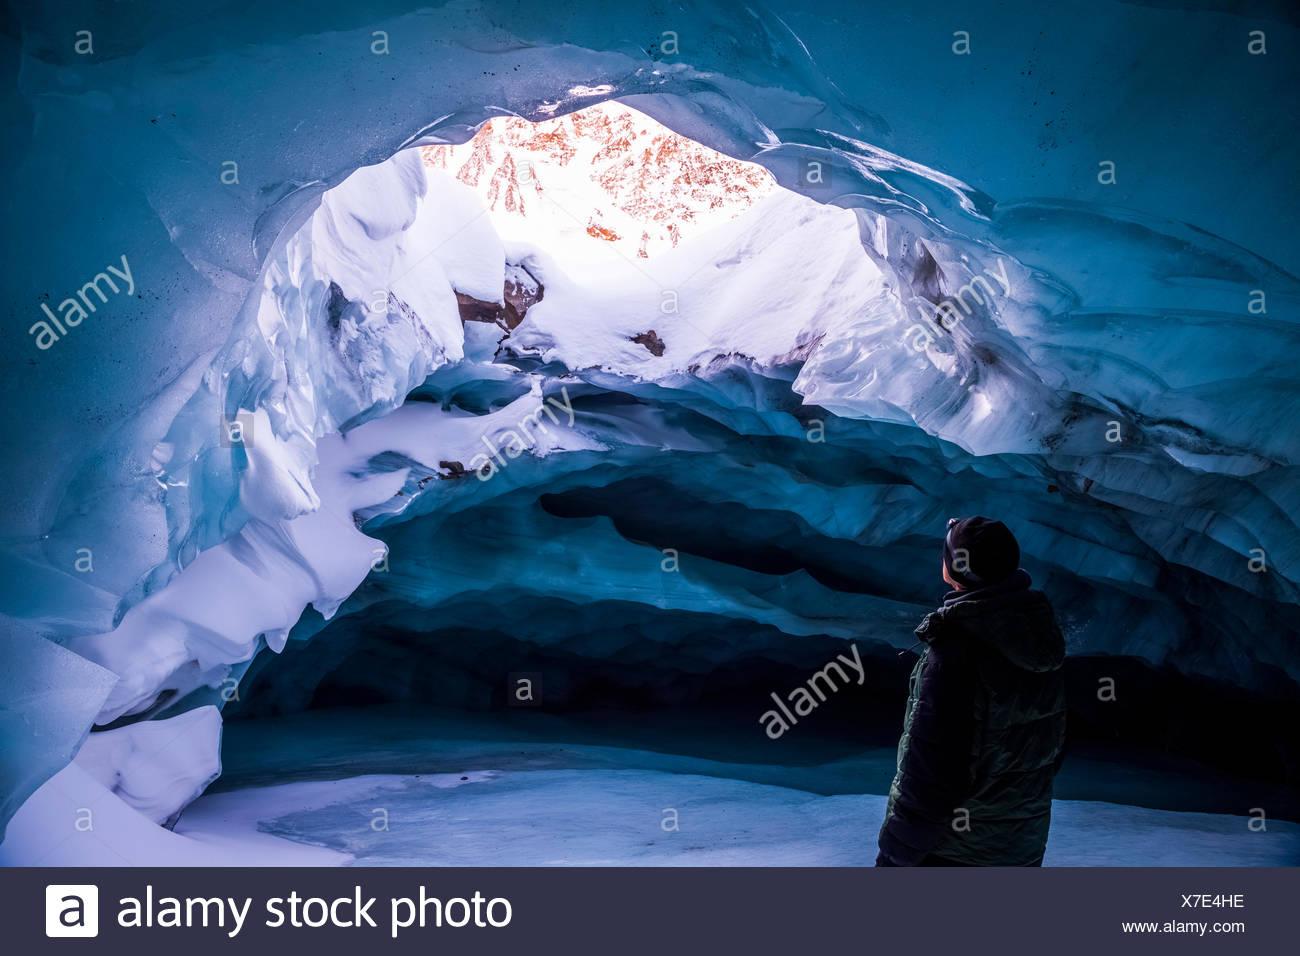 Un hombre mira por una abertura en el techo de una cueva de hielo dentro de Augustana glaciar en el invierno, Cordillera de Alaska, interior de Alaska, EE.UU. Imagen De Stock